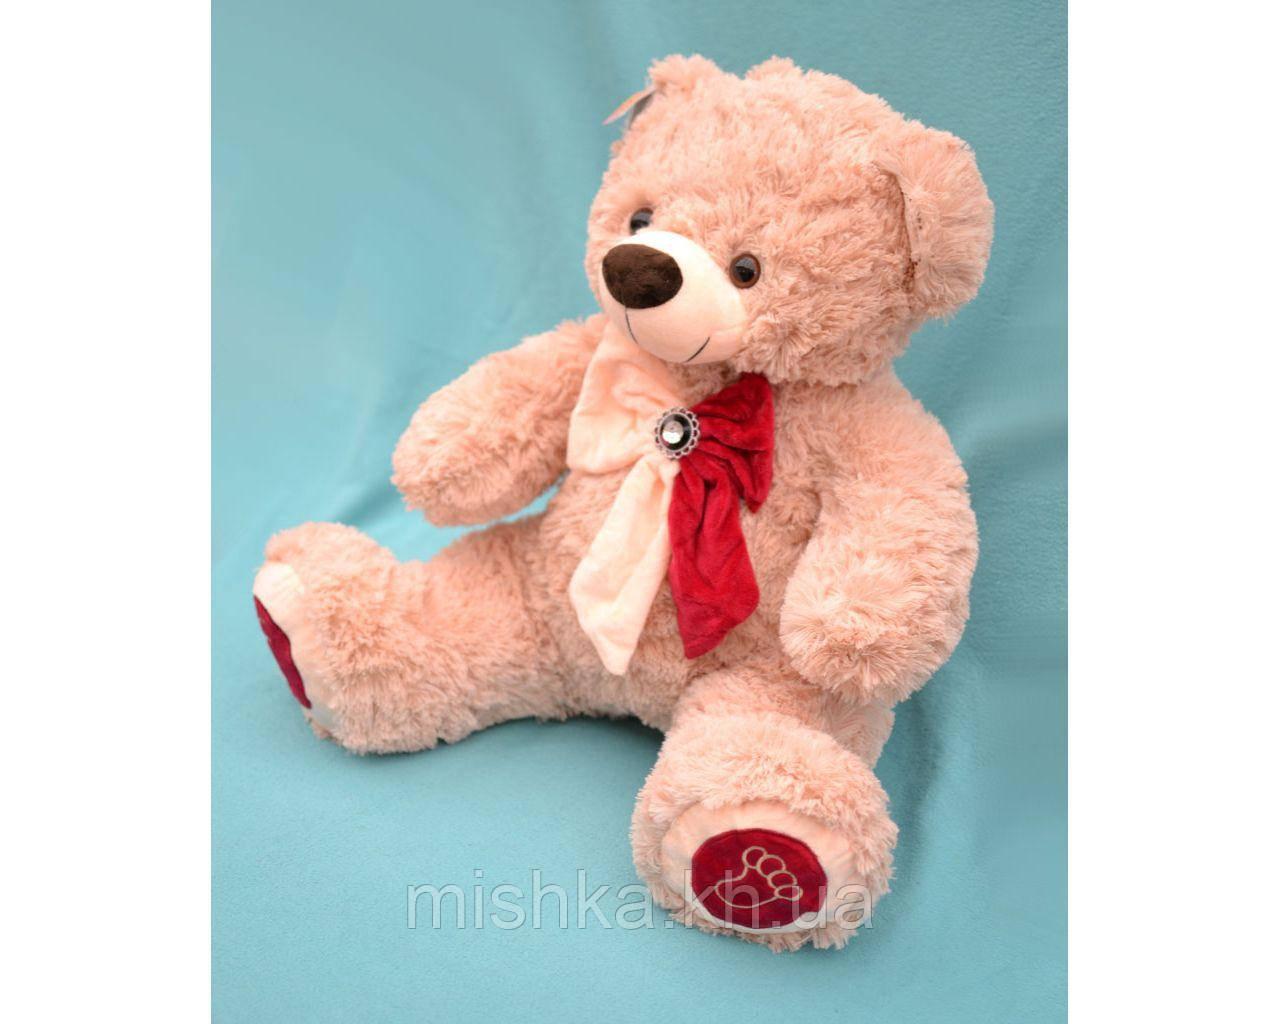 М'яка іграшка Ведмідь з бантиком не набита (50 см) №21-1